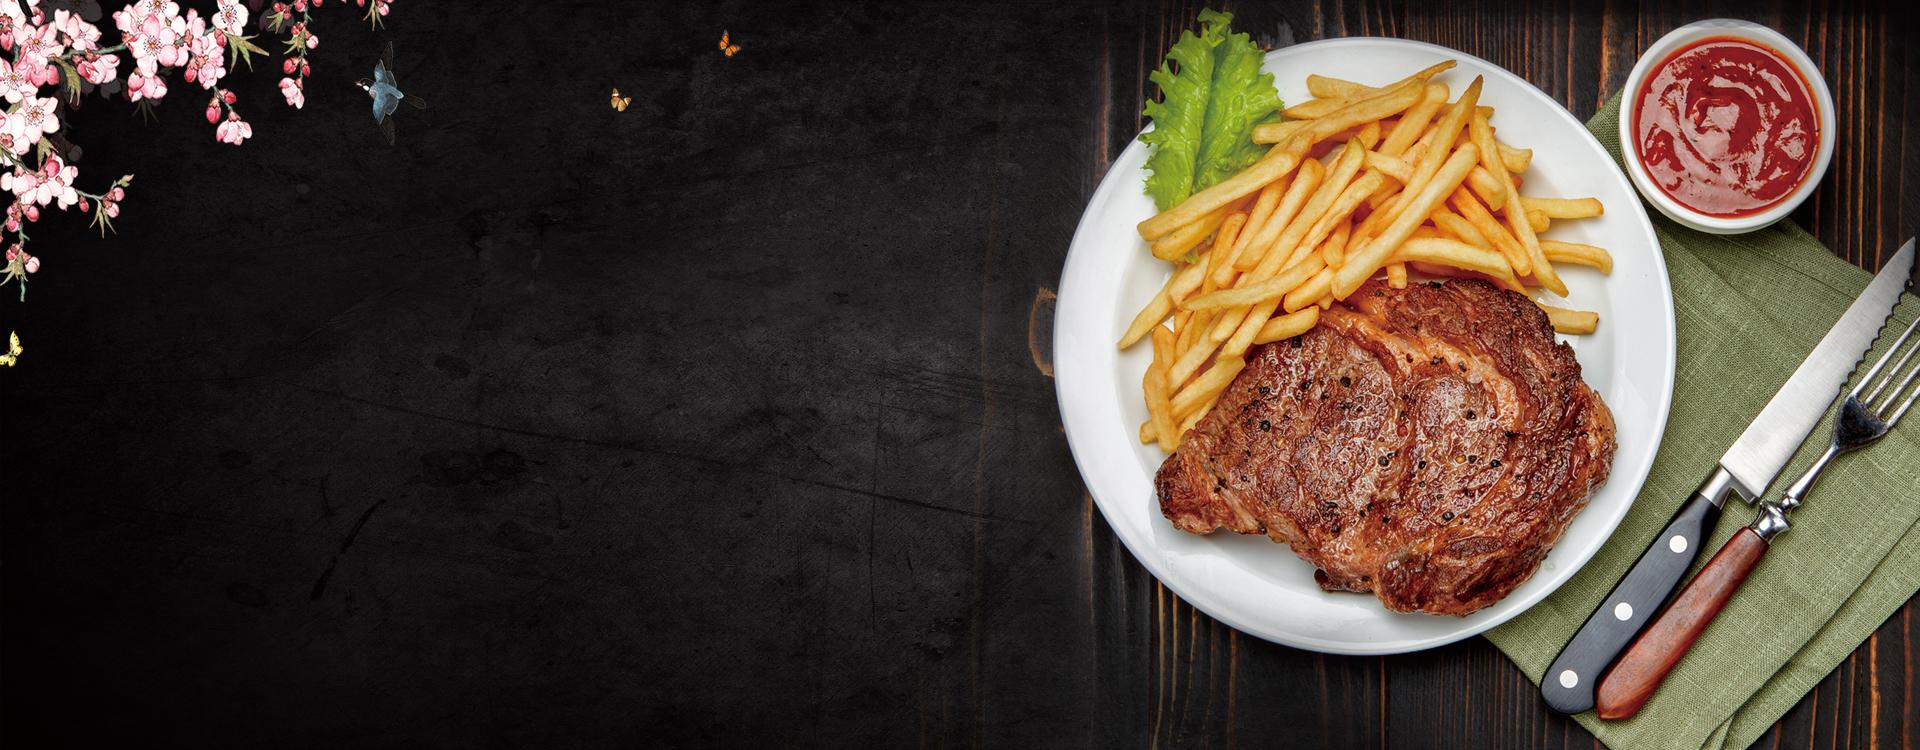 comida la cena almuerzo placa antecedentes la carne plato